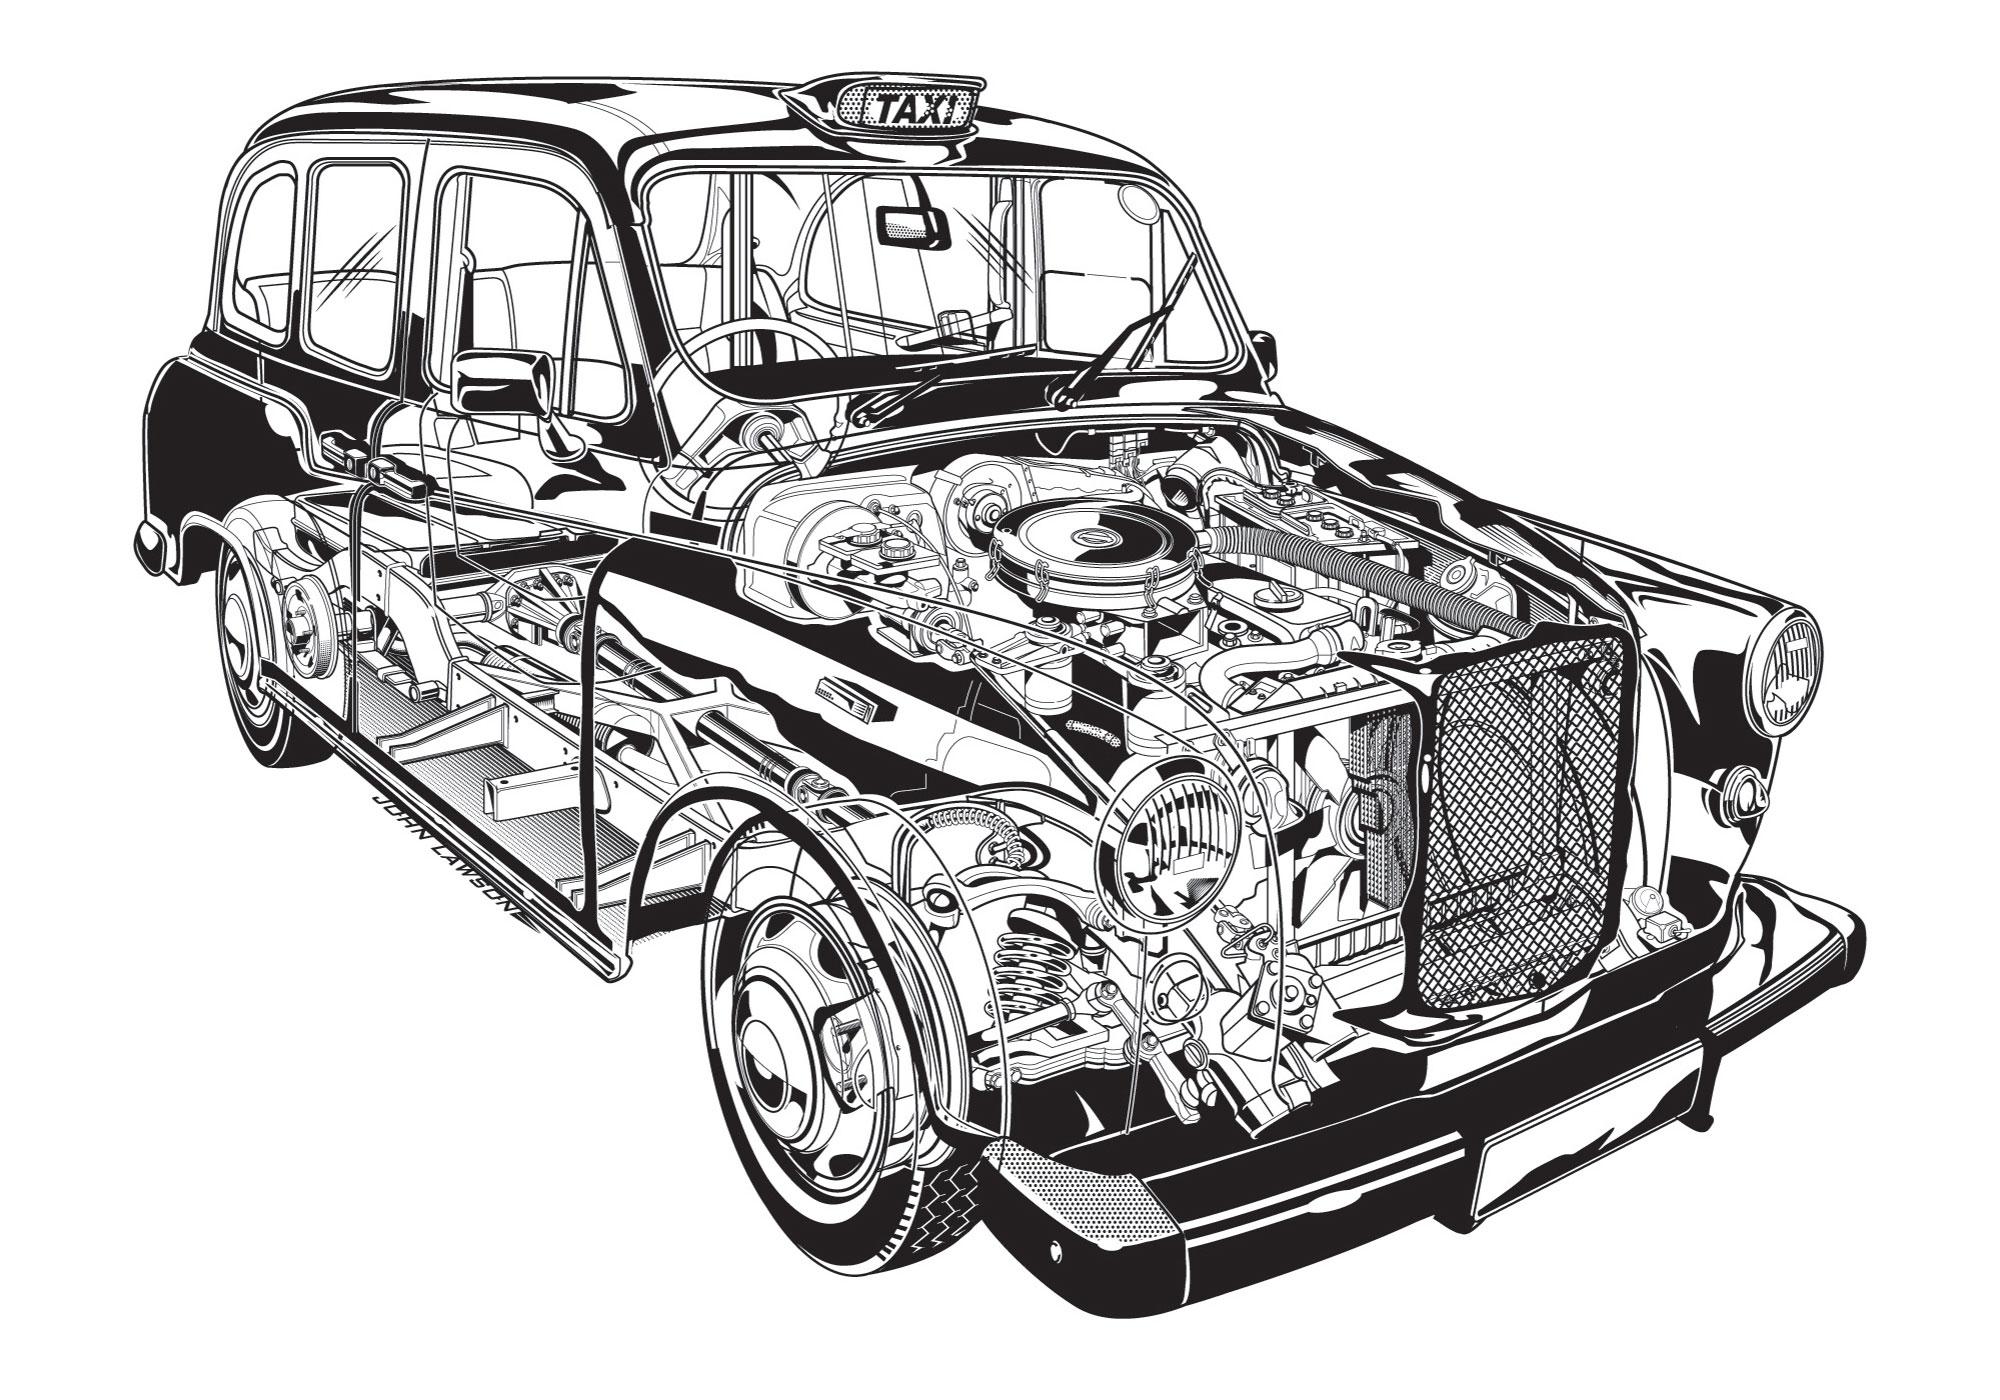 LTI FX4S London Taxi cutaway drawing